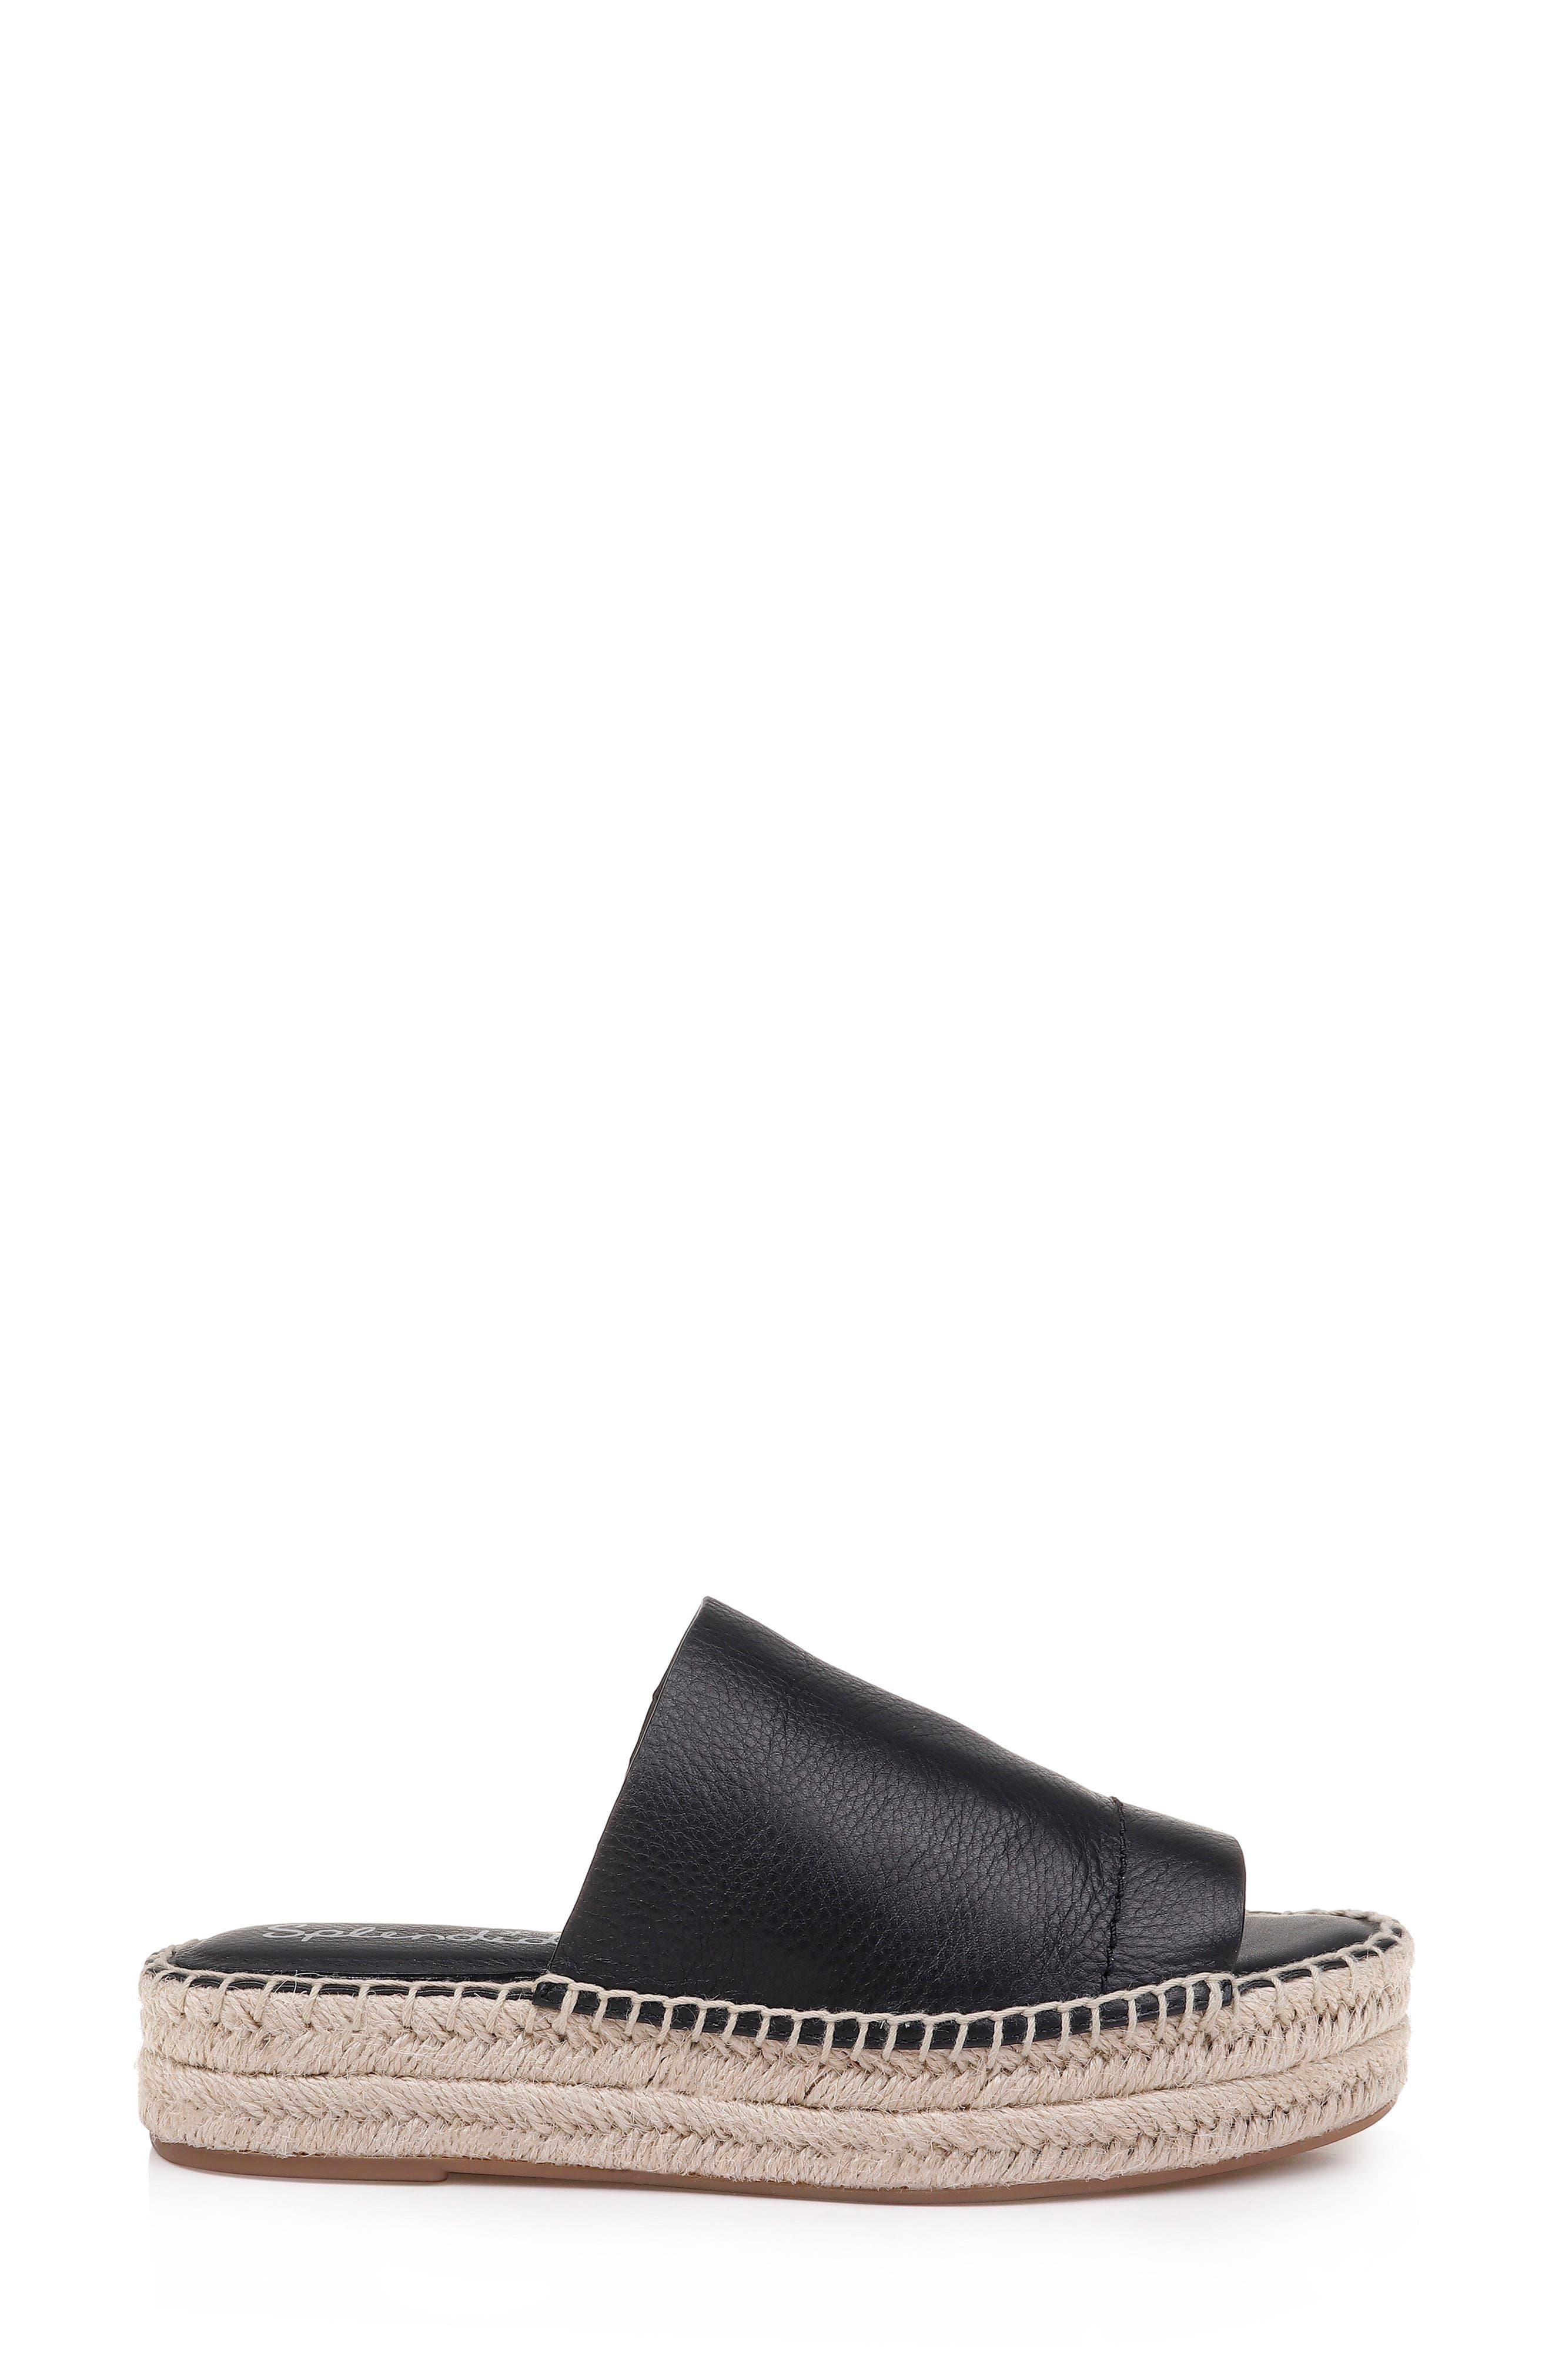 Splendid Slippers Thaddeus Espadrille Slide Sandal